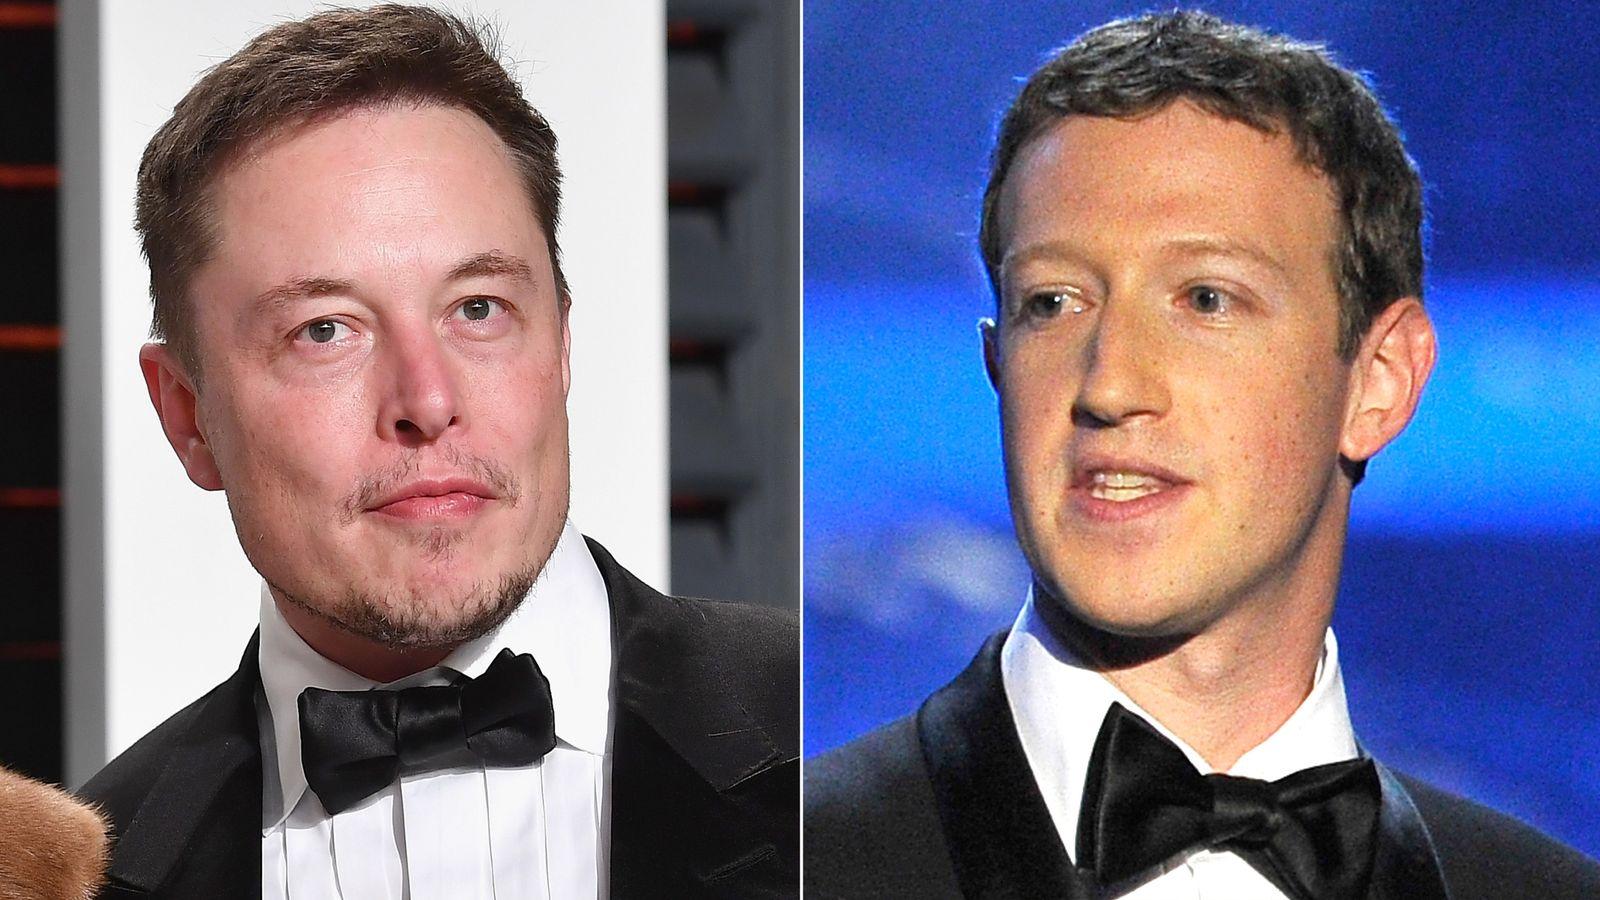 أشهر الشخصيات التقنية elon musk and mark zuckerberg